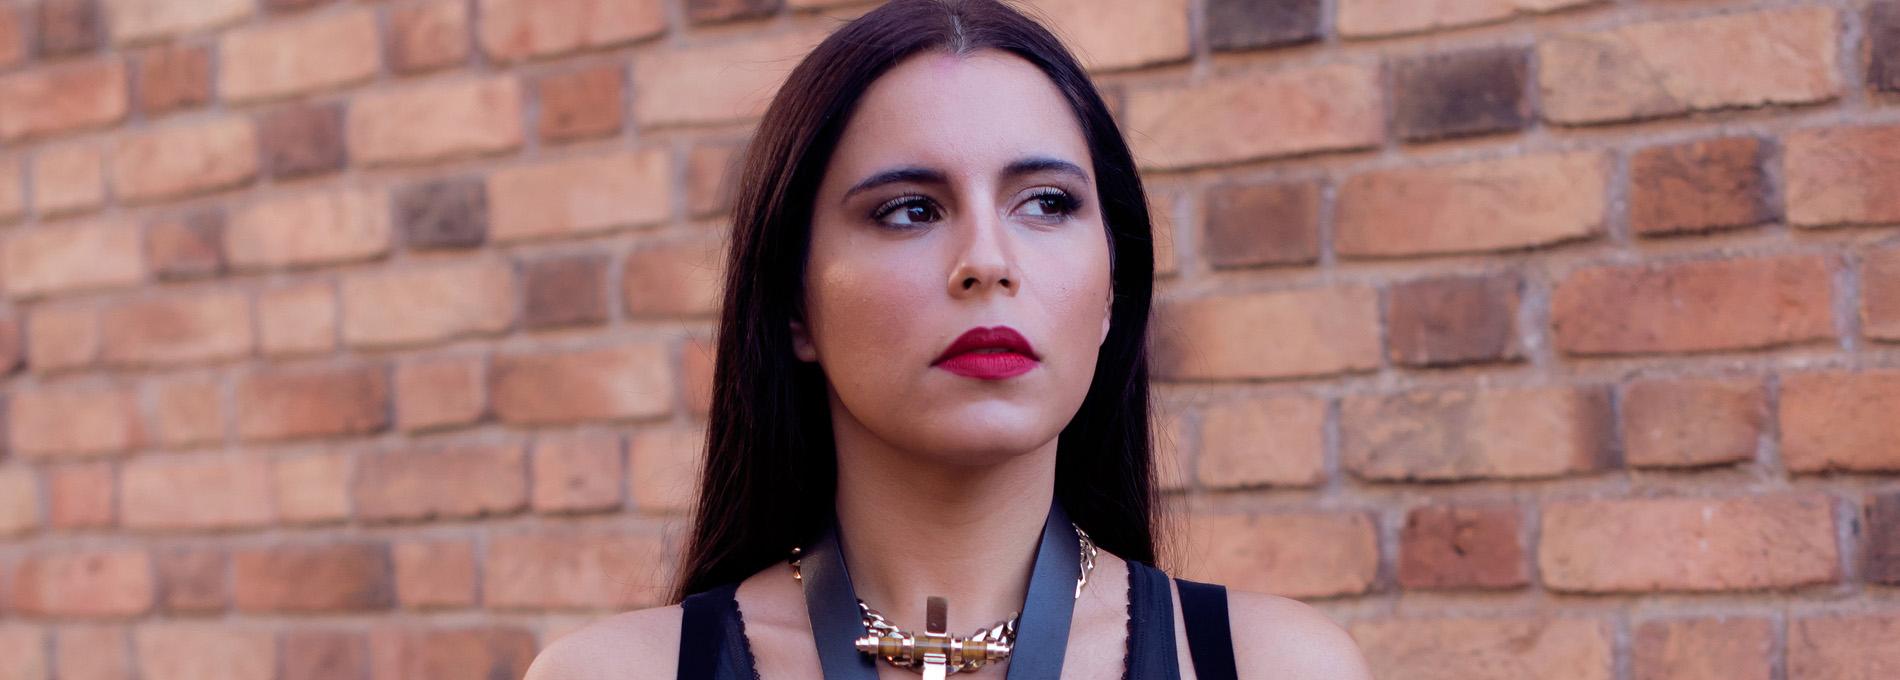 Marina Morena: a carne é de Carnaval